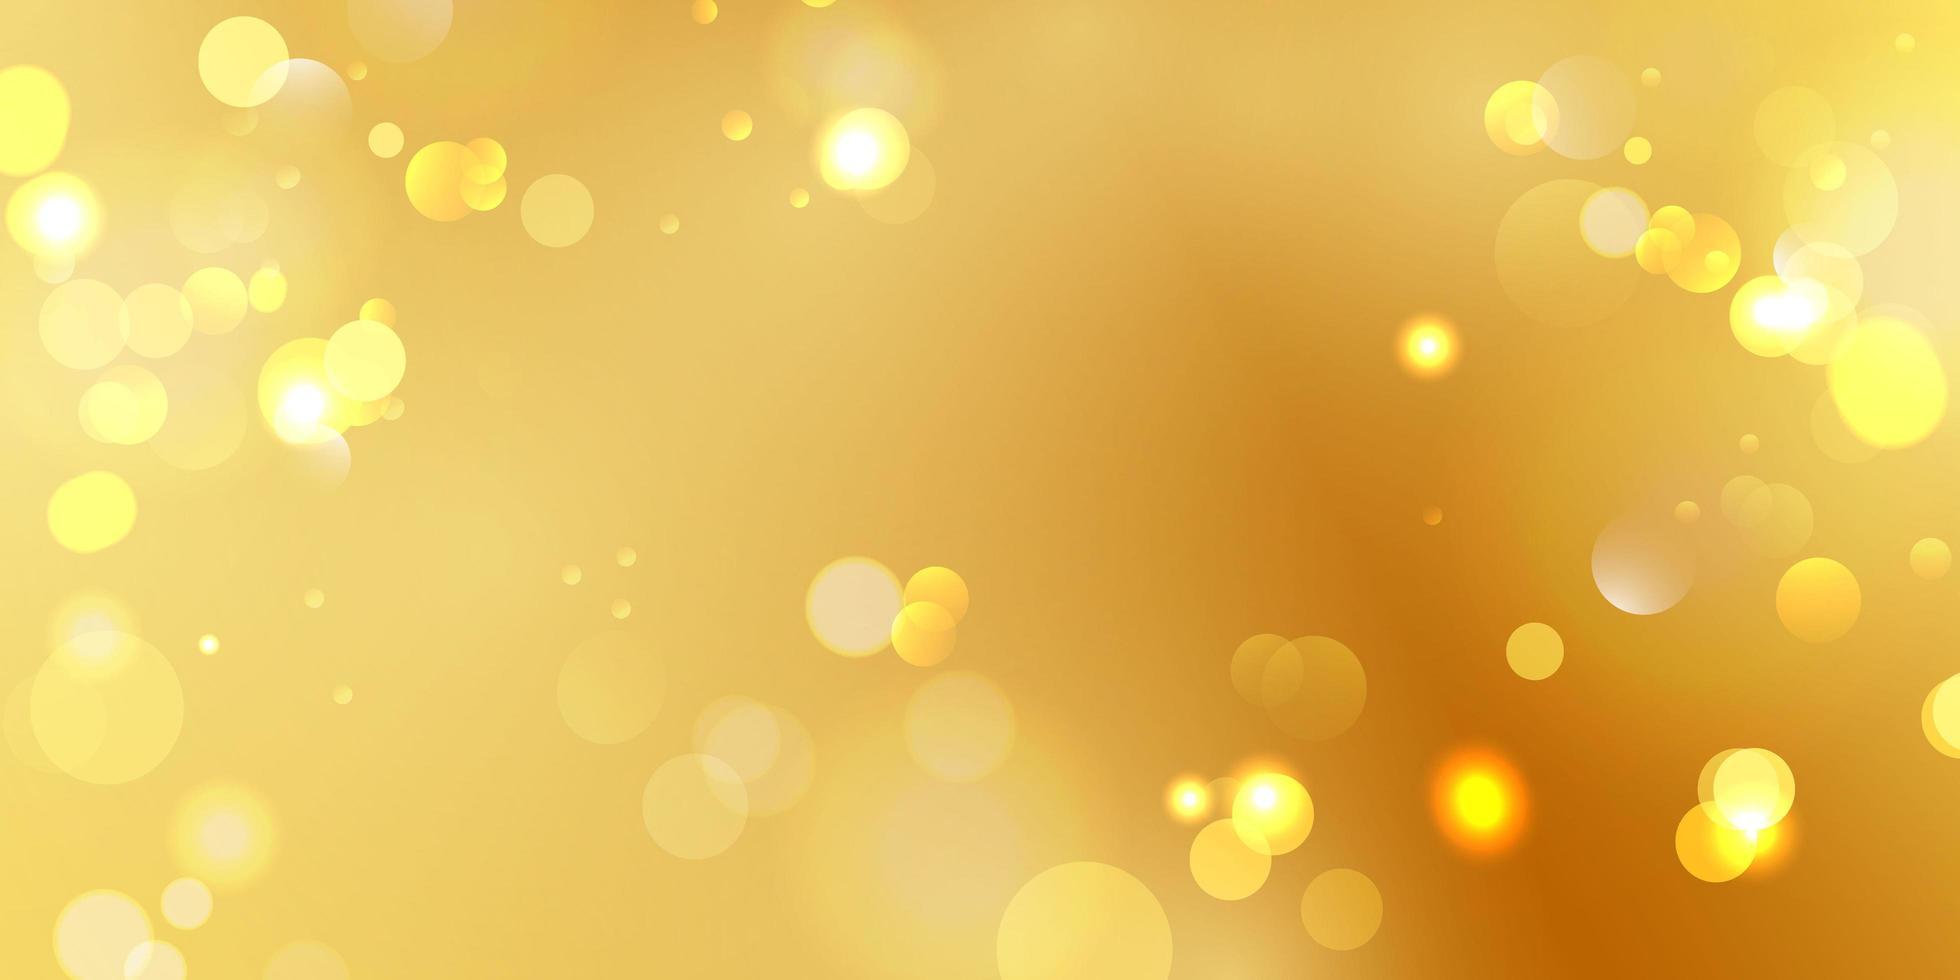 elemento de luz borrada abstrato que pode ser usado para bokeh de fundo com cor ouro amarelo vetor